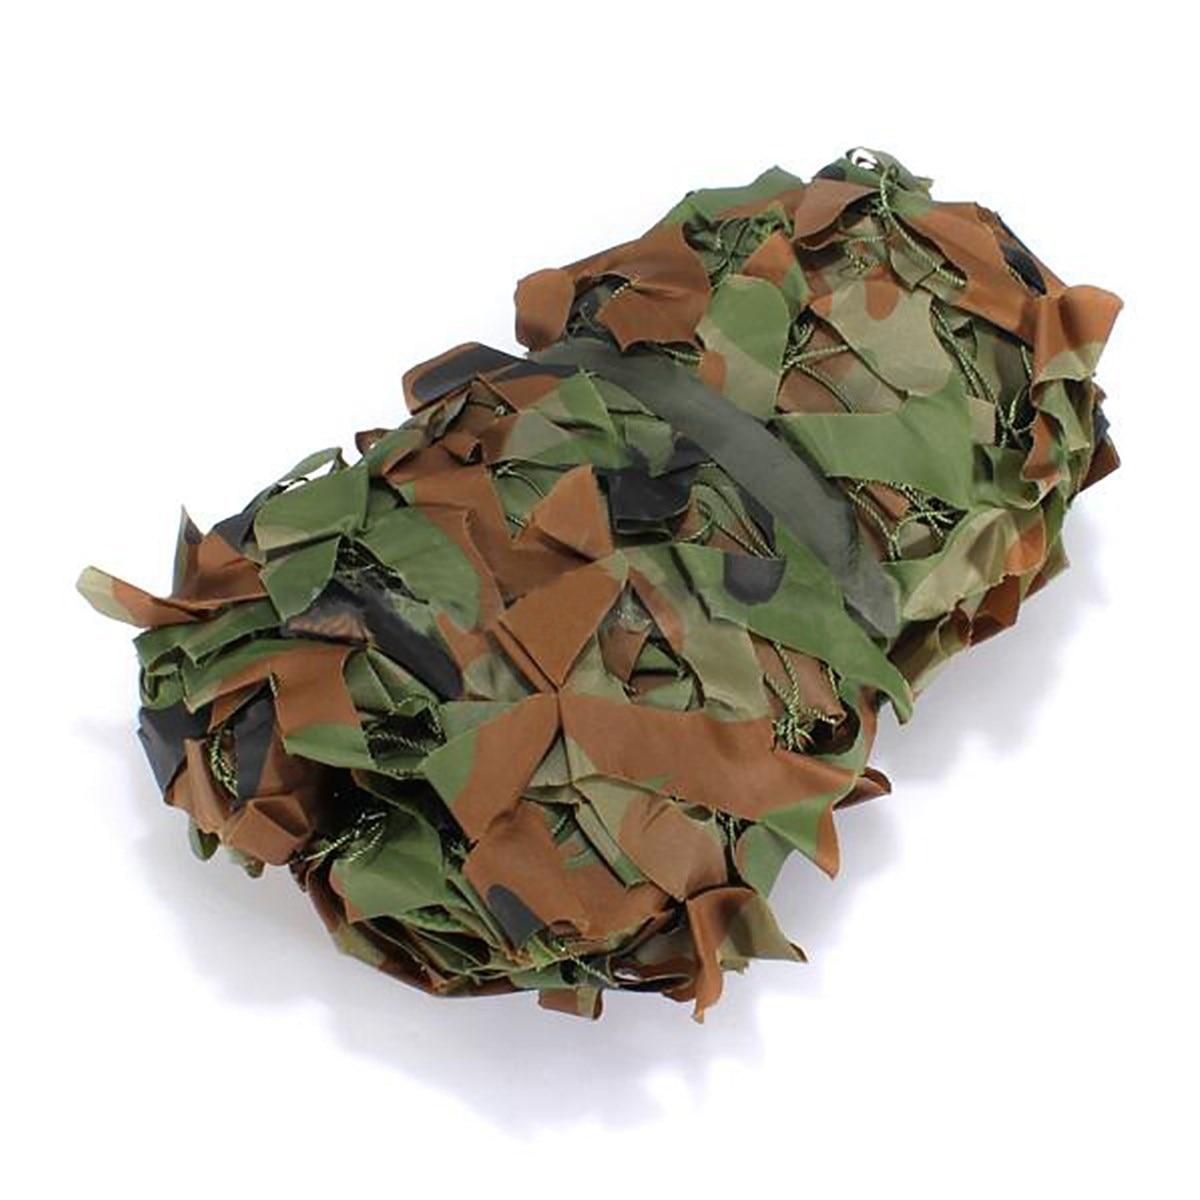 3x1.5 M Désert Militaire Camouflage net Camo Pour Jungle Stores Chasse Camping Militaire Photographie Jungle Stores Soleil Abri dans Abri du soleil de Sports et loisirs